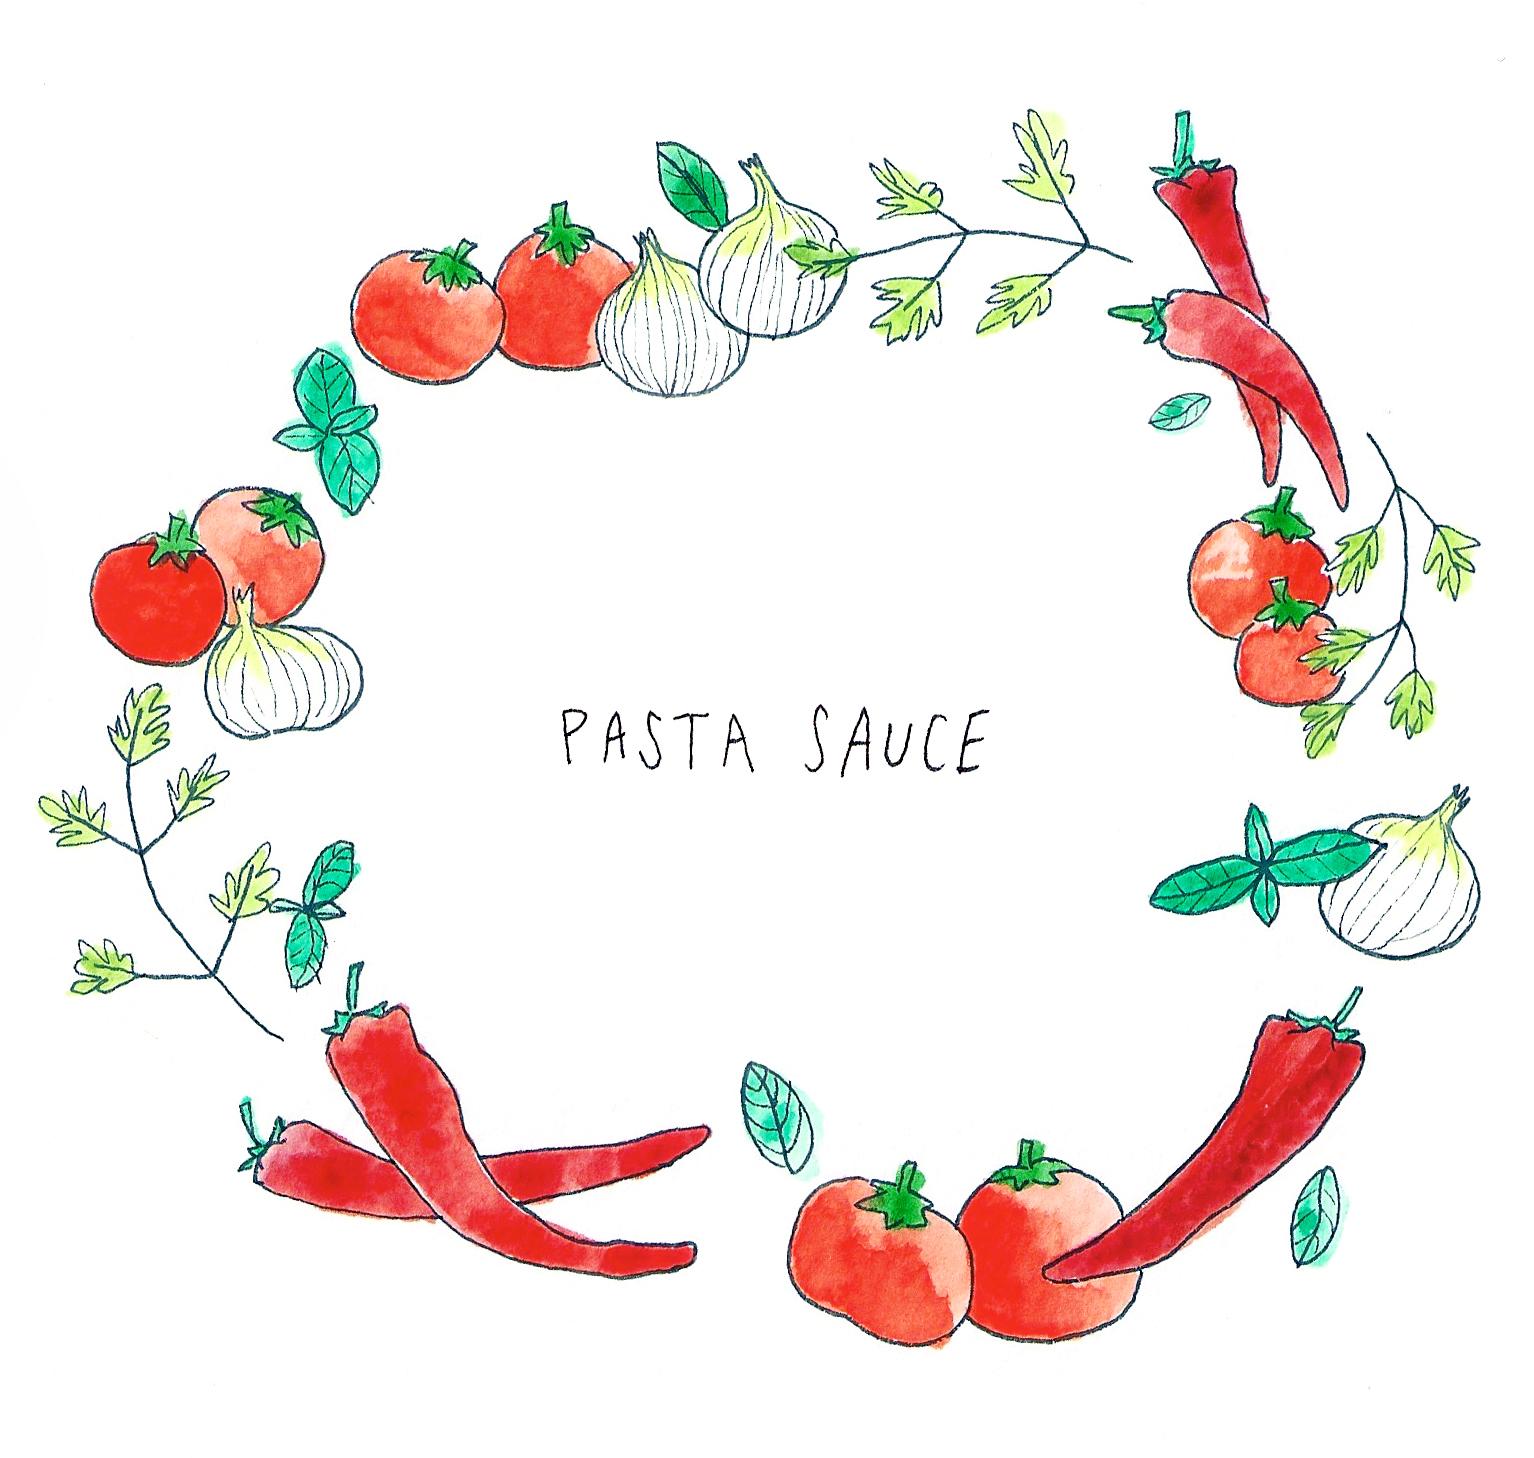 pasta sauce.jpg